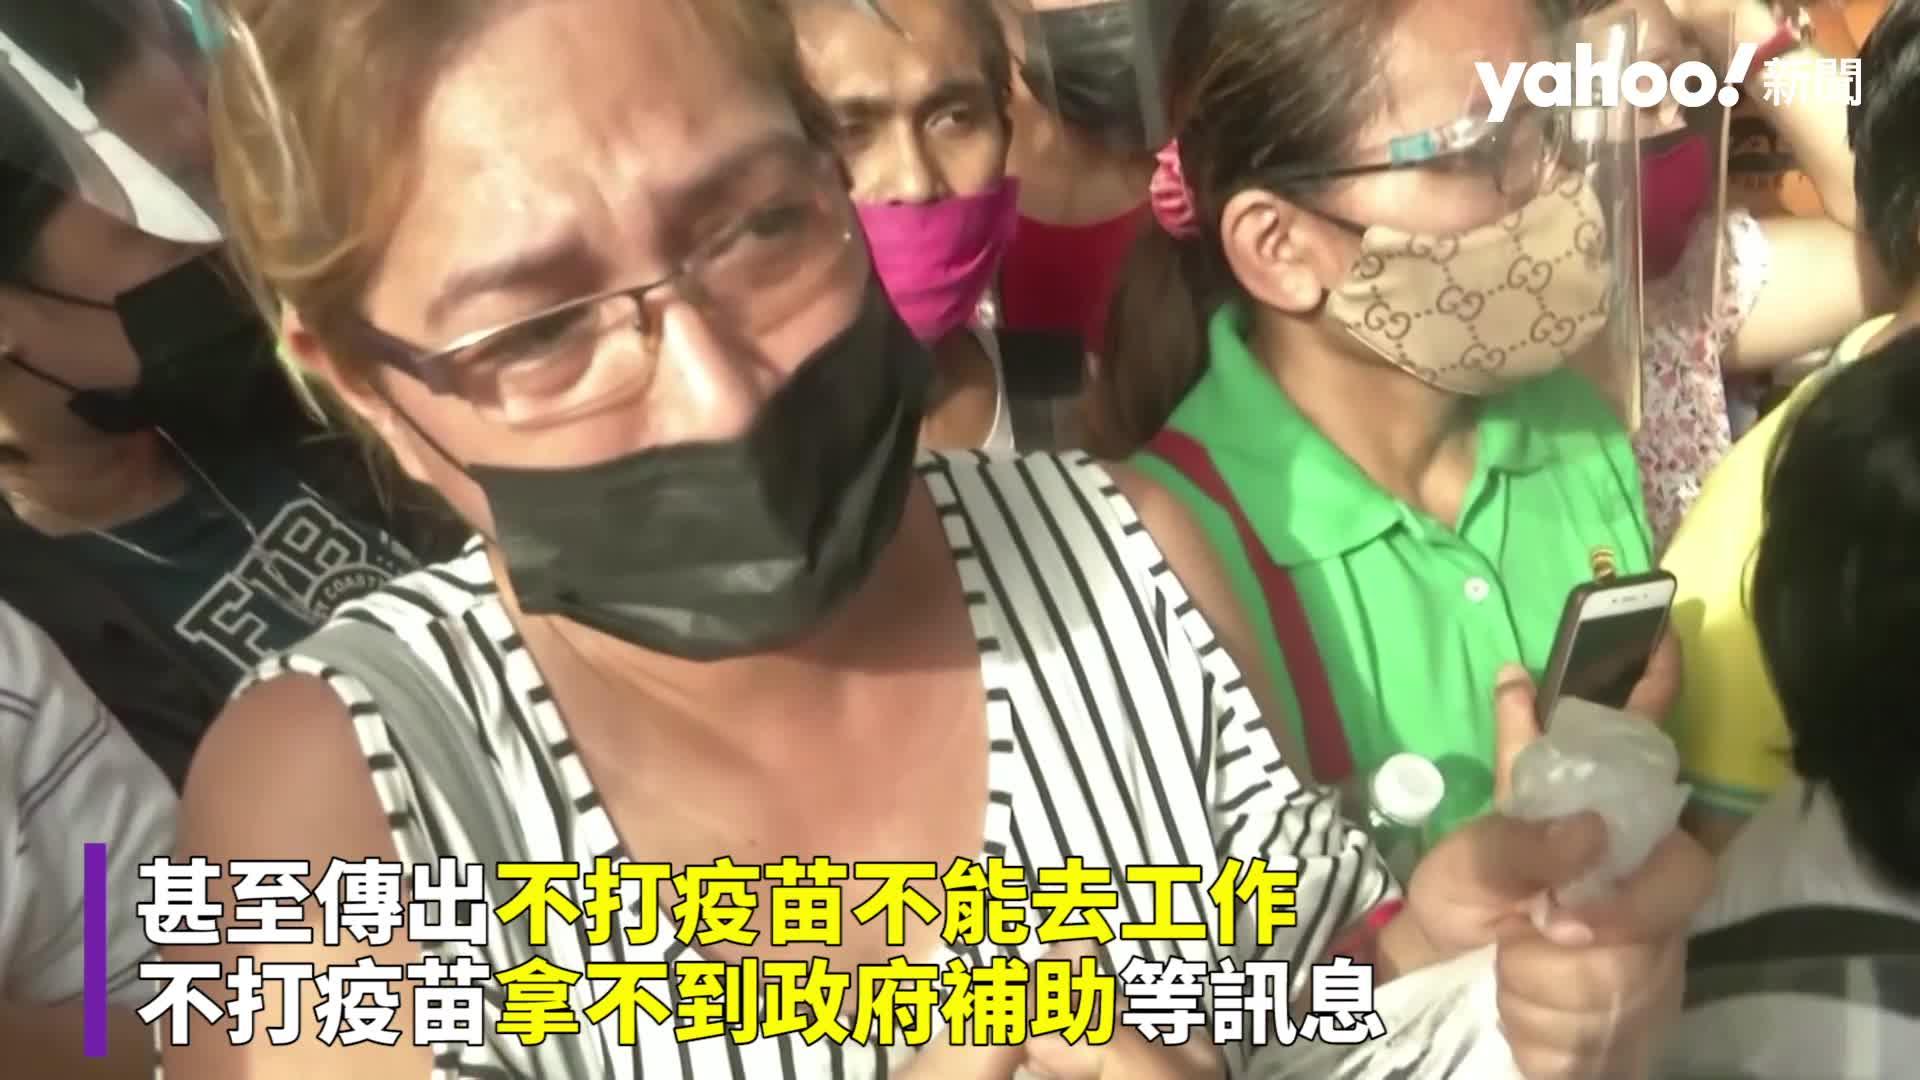 馬尼拉嚴格封城 杜特蒂稱沒打疫苗禁外出 人潮擠爆接種中心